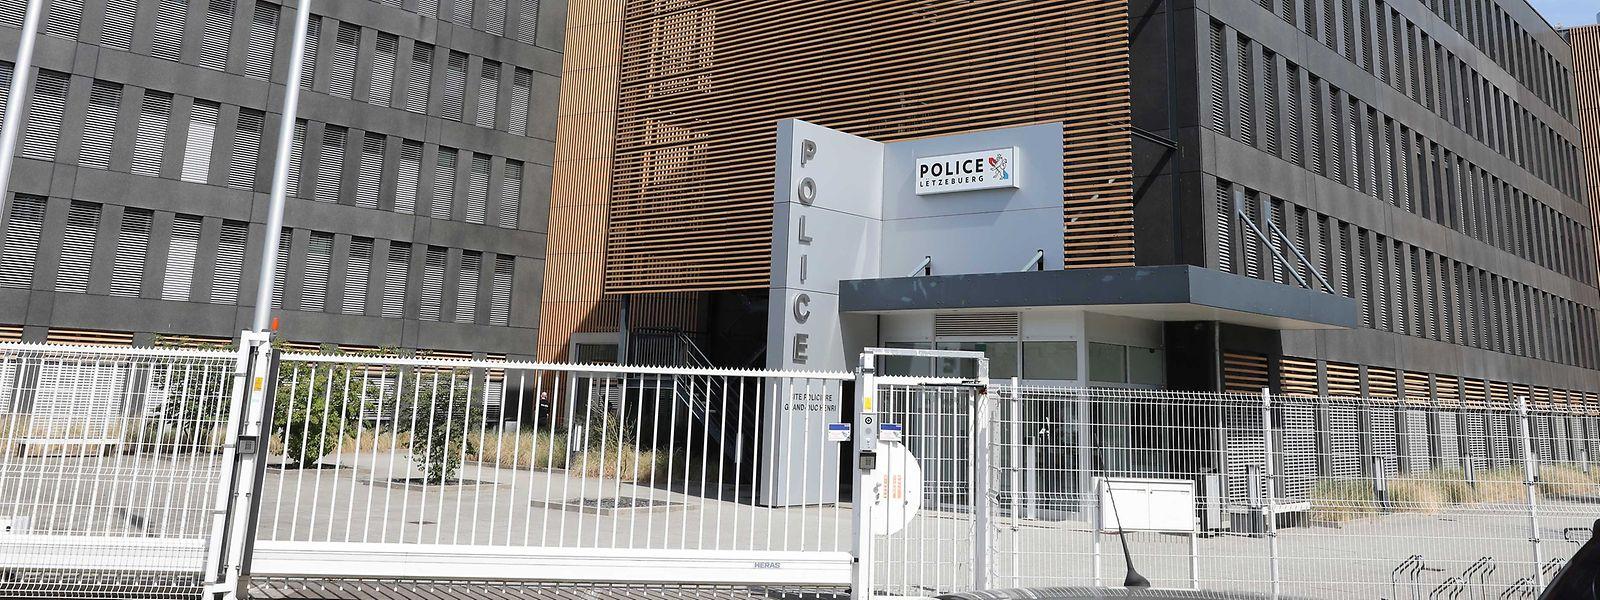 Die ACSP betont, dass die Entscheidungsgewalt in der Polizei nicht ausschließlich bei Kaderbeamten liegt, sondern sehr wohl auch Beamte aus der Inspektorenlaufbahn in die Prozesse eingebunden seien.